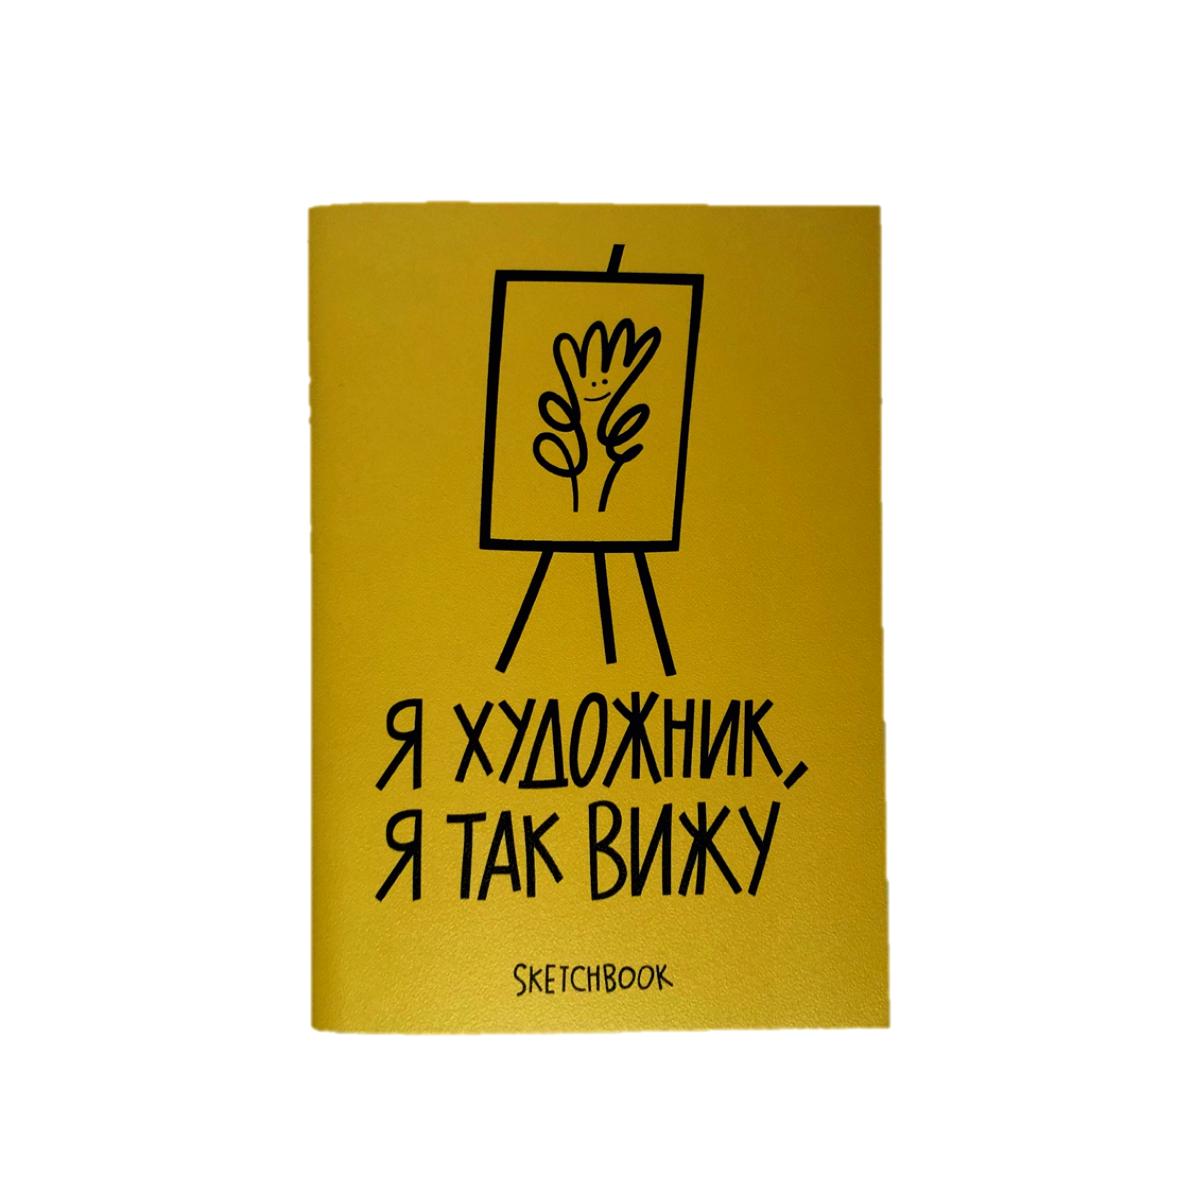 Купить Скетчбук I am an artist 2 А5 26 л120 г, скругленные края, бумага слоновая кость, Подписные издания, Россия